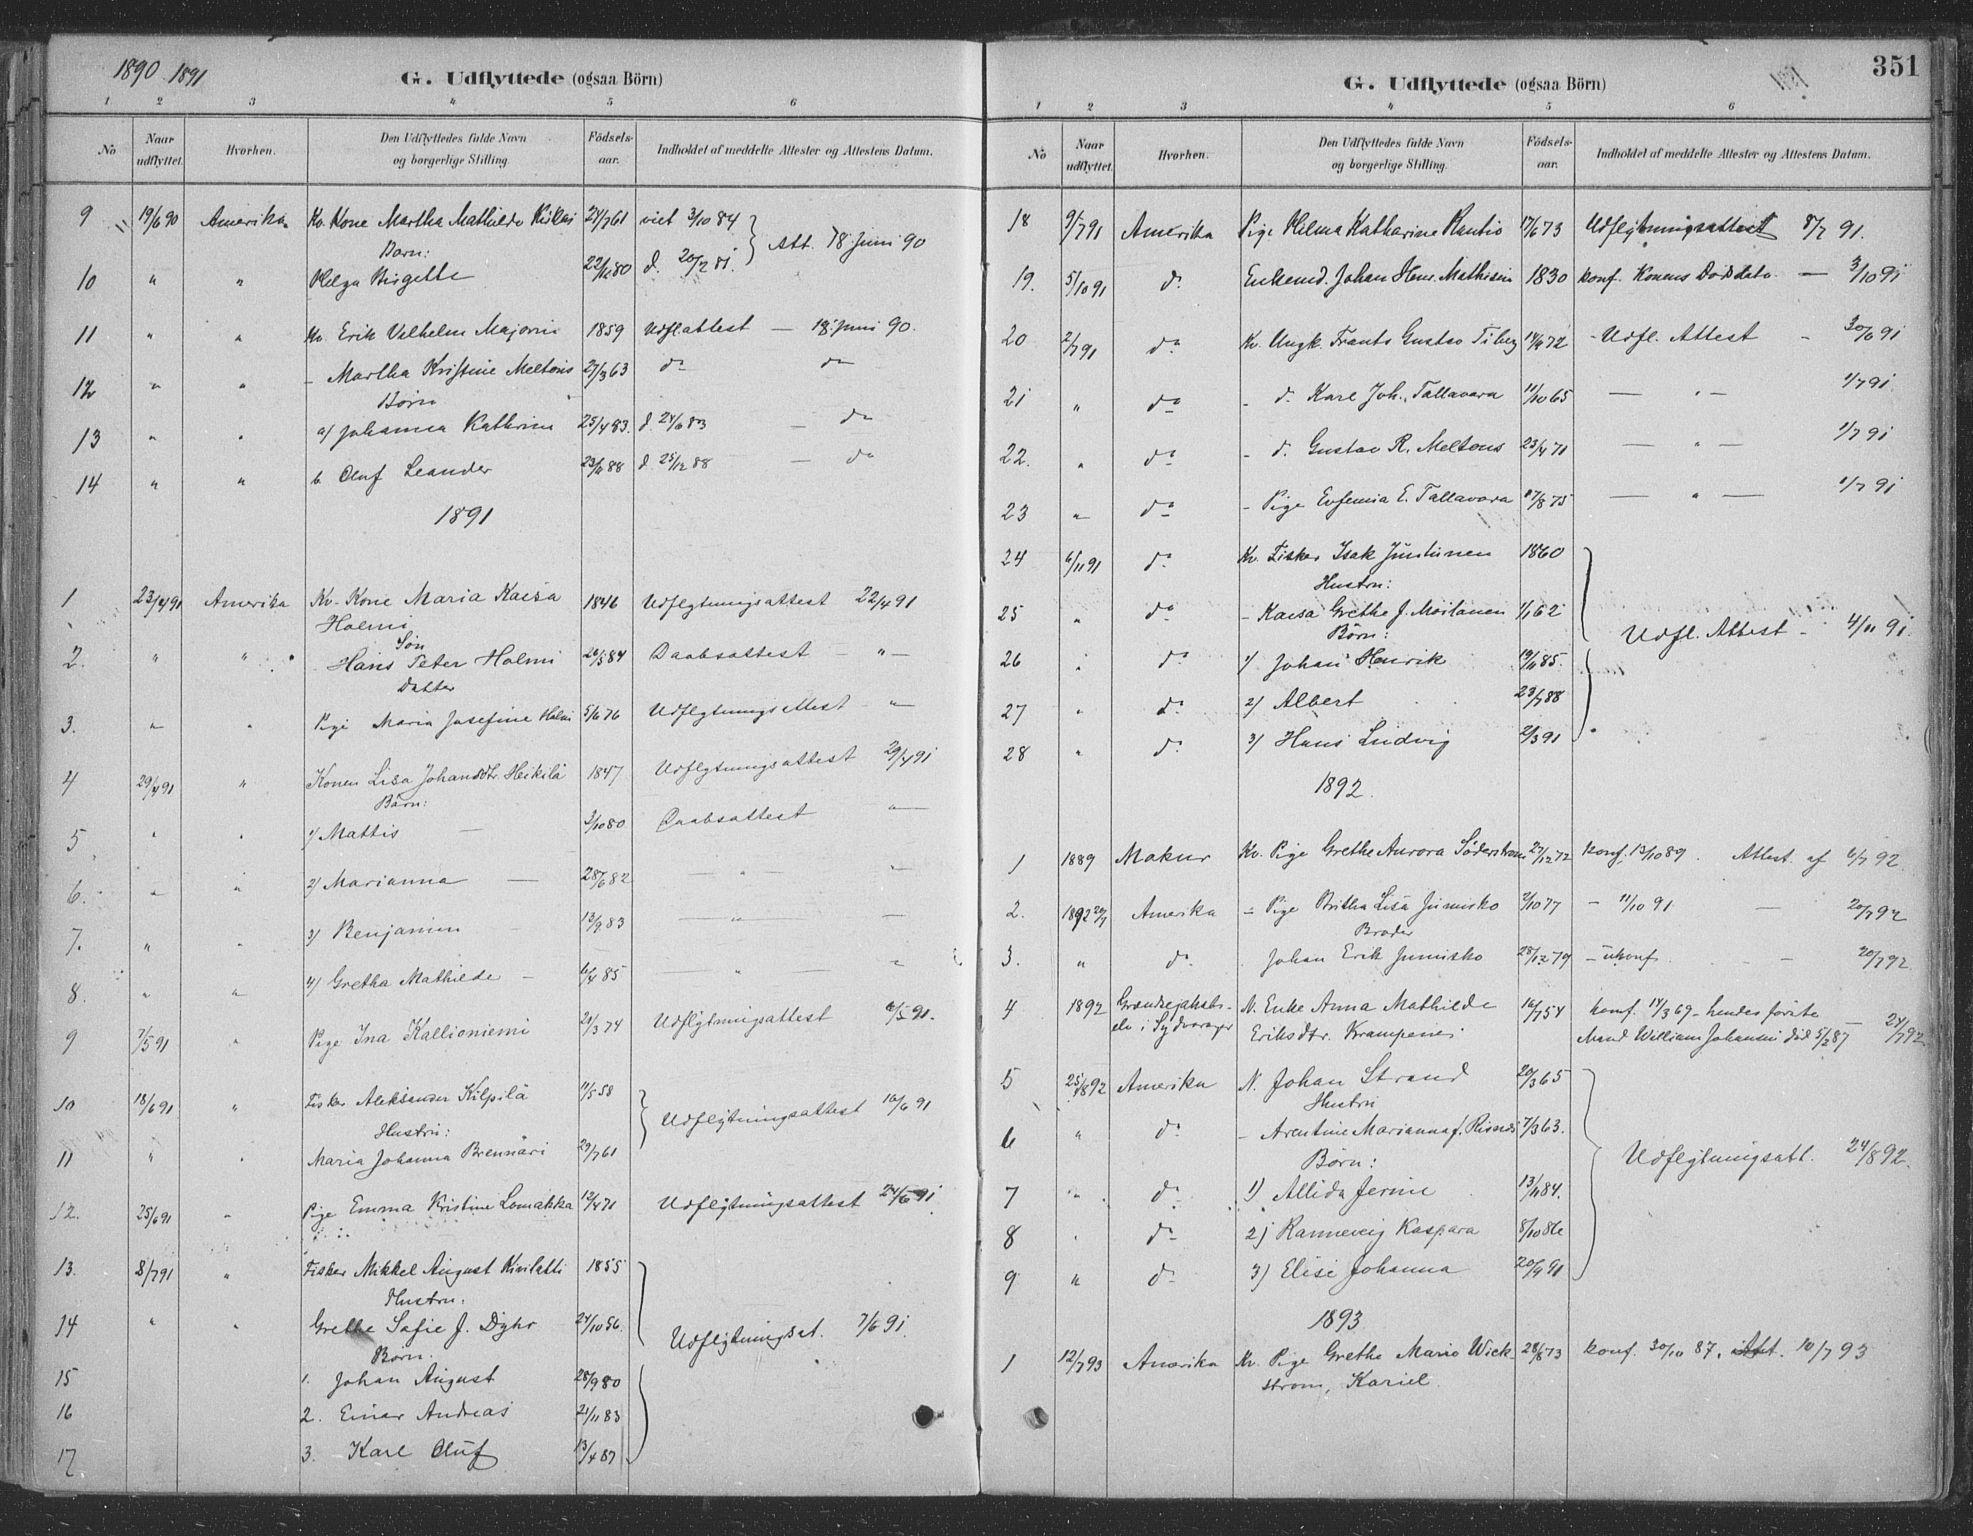 SATØ, Vadsø sokneprestkontor, H/Ha/L0009kirke: Ministerialbok nr. 9, 1881-1917, s. 351